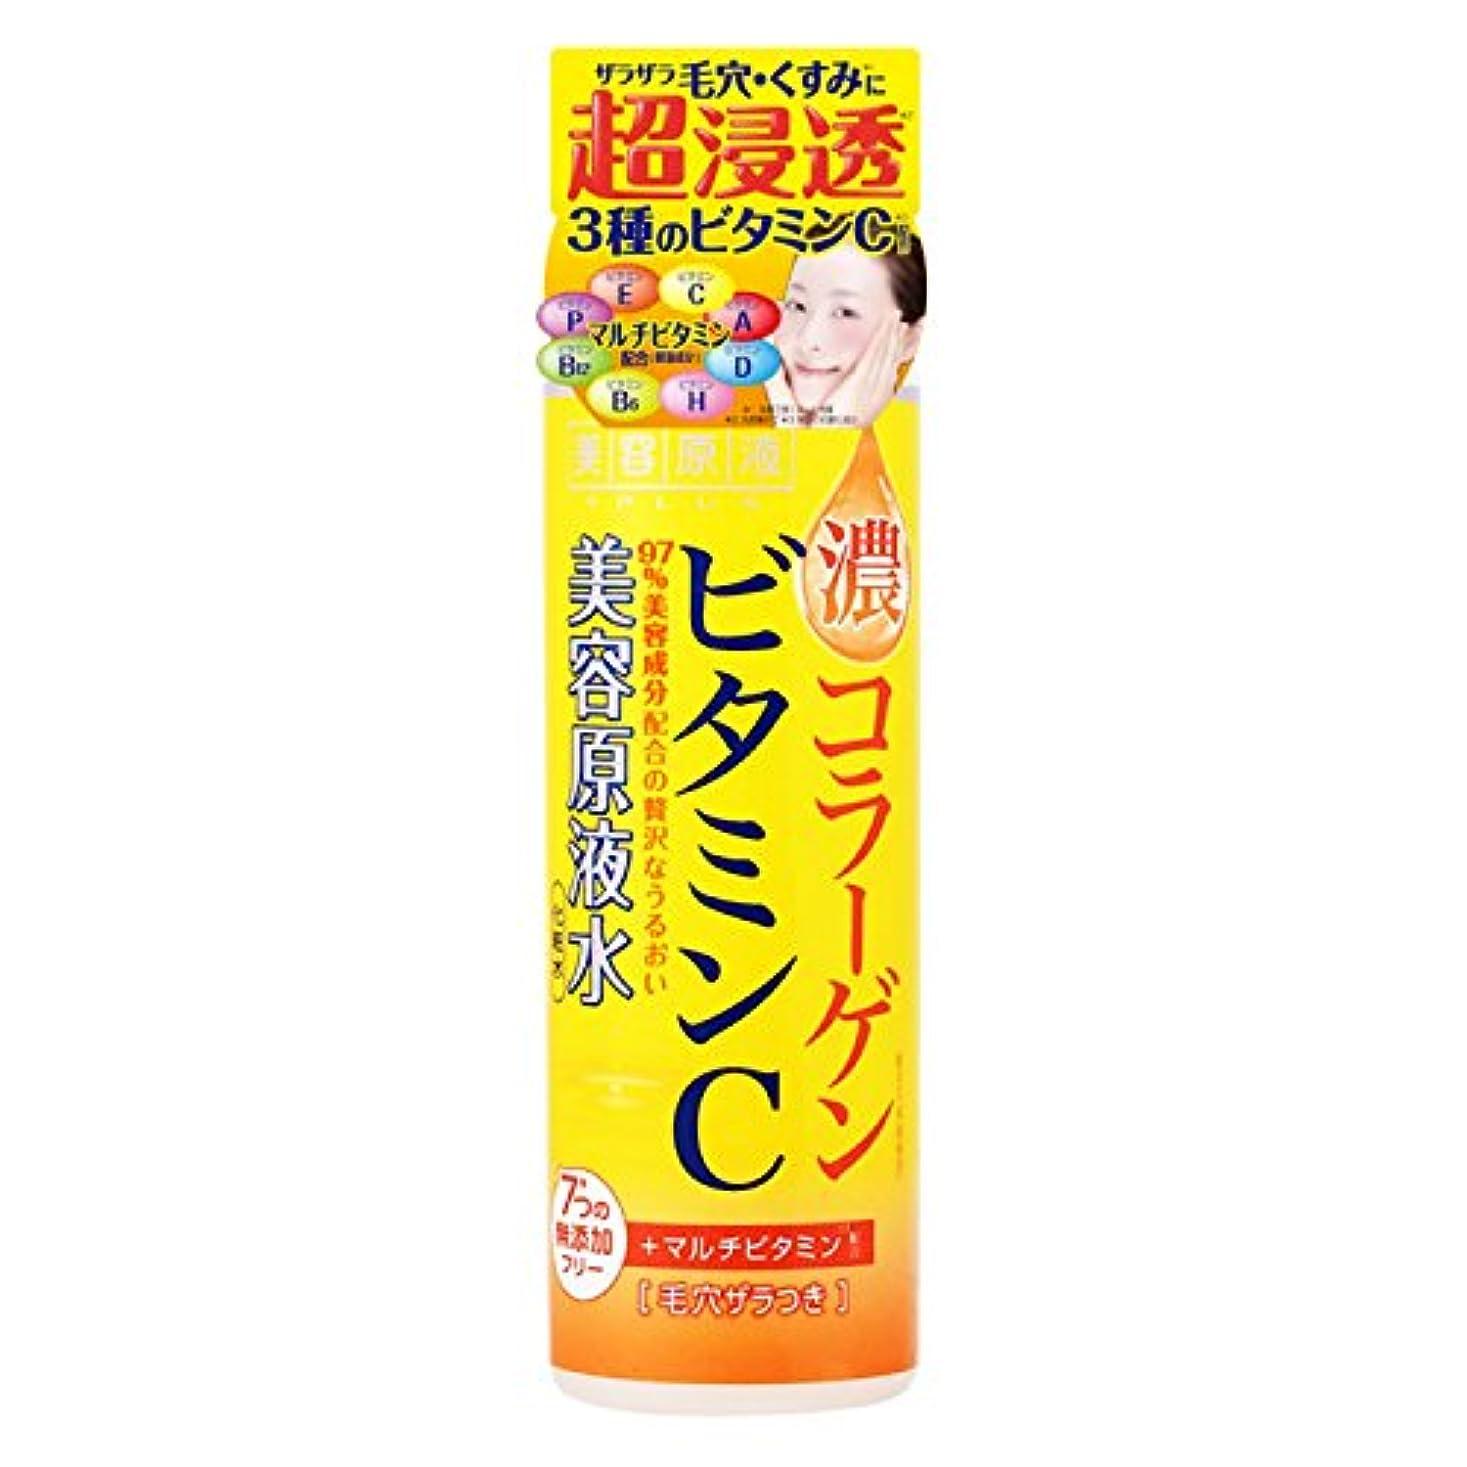 反射和解する粒子美容原液 超潤化粧水VC 185mL